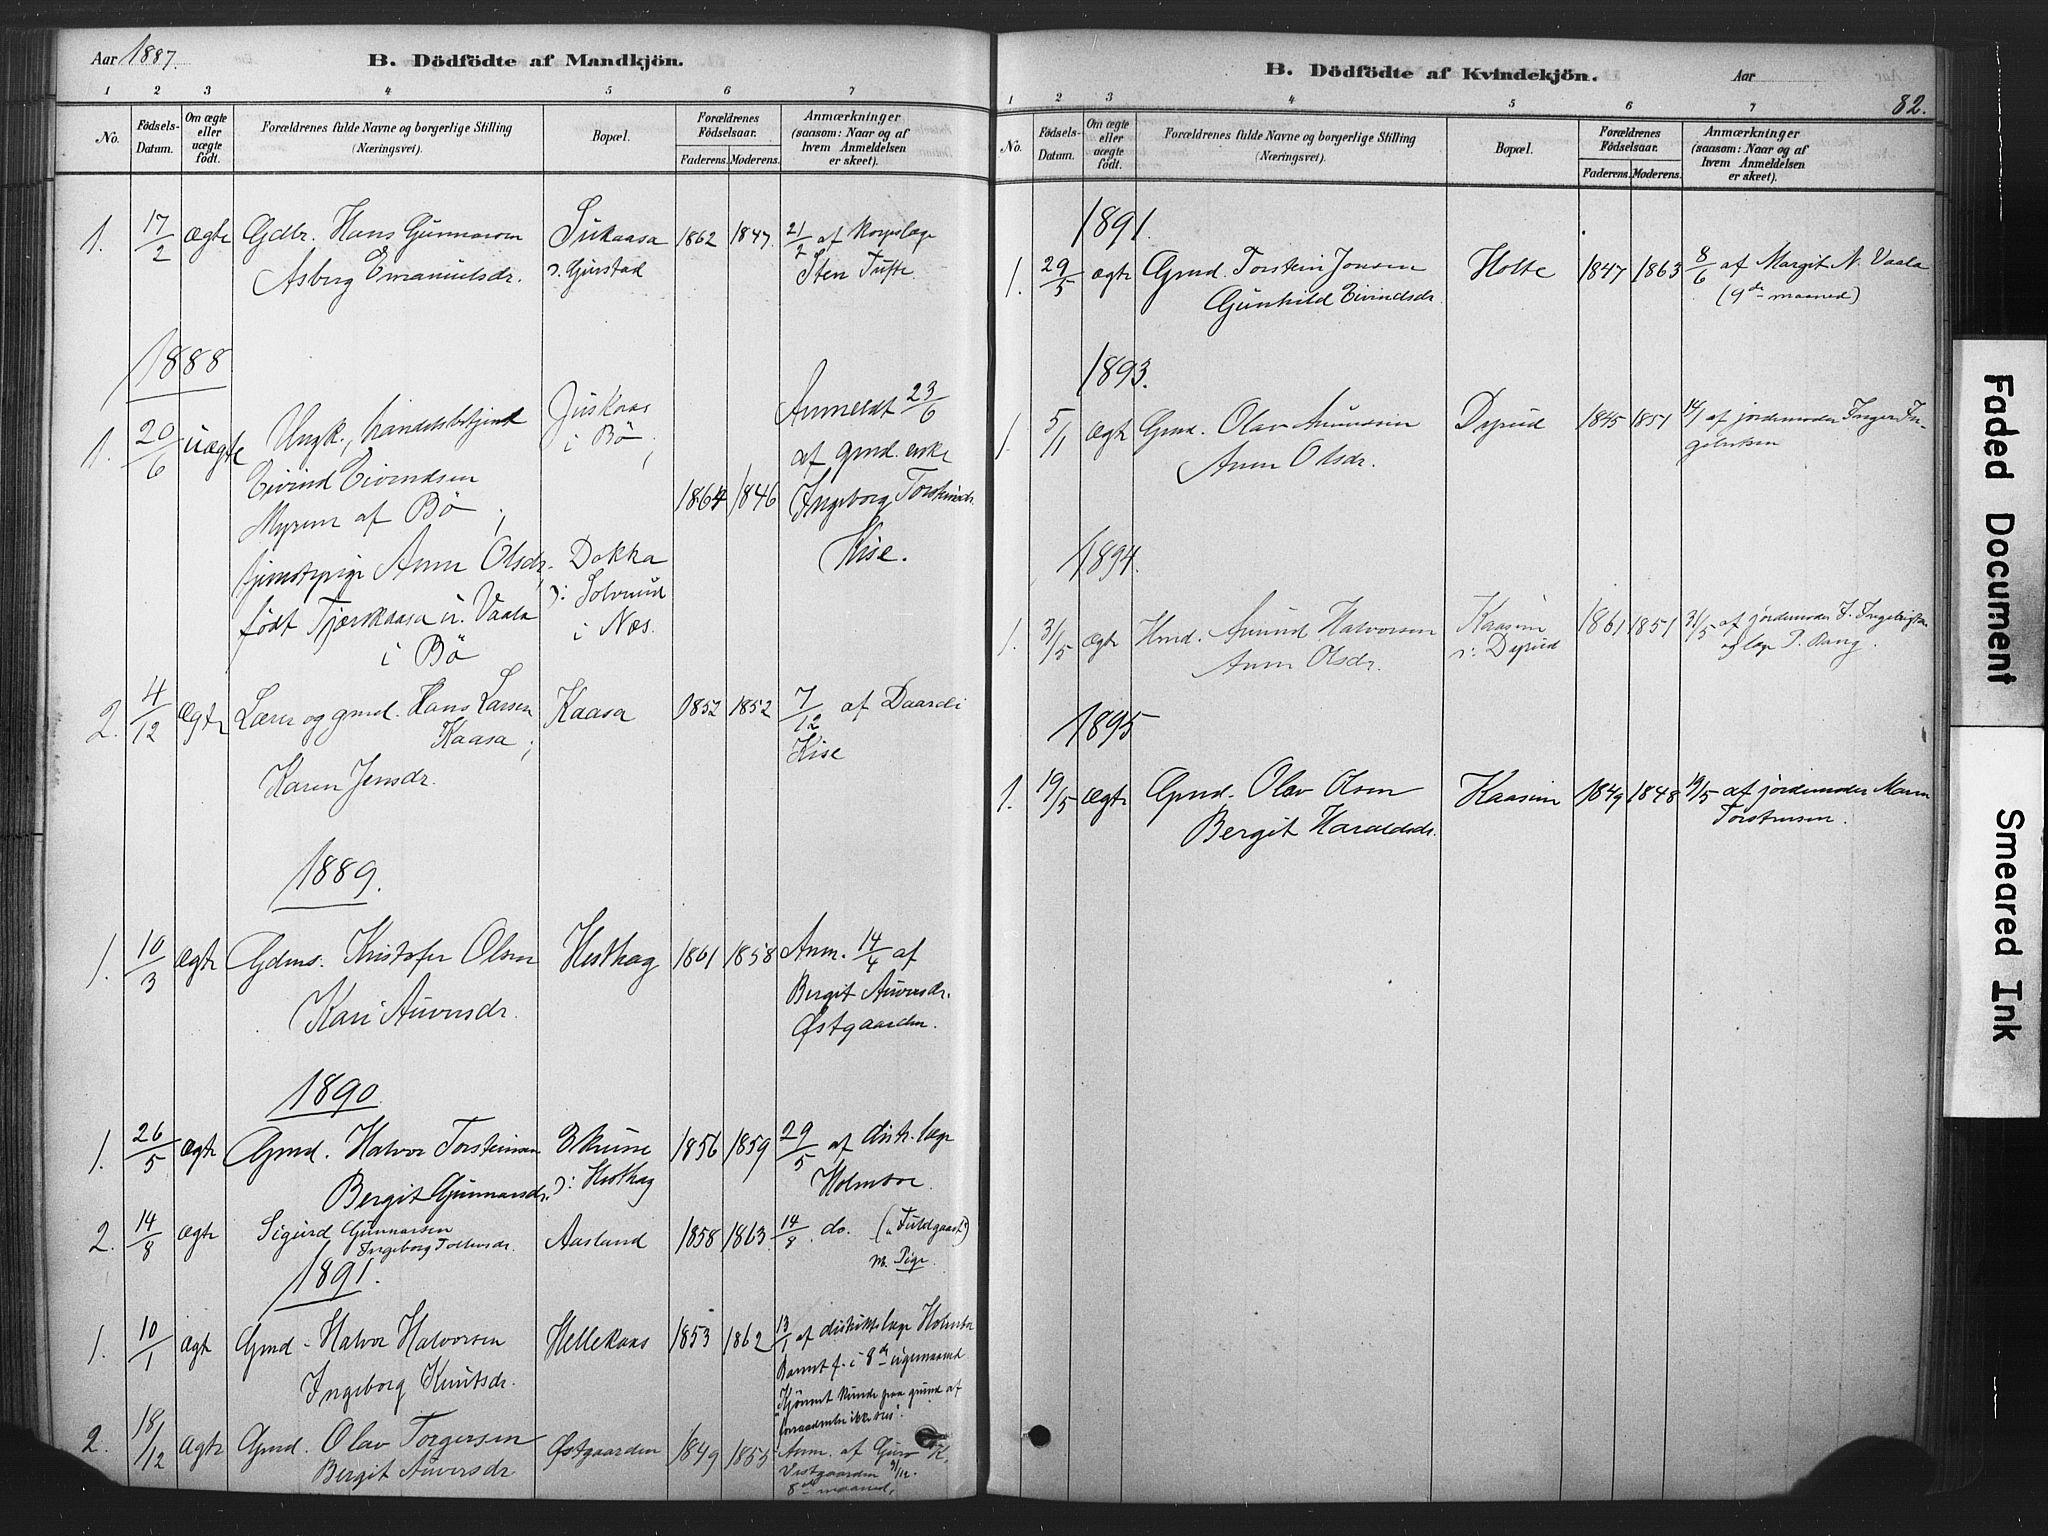 SAKO, Sauherad kirkebøker, F/Fb/L0002: Ministerialbok nr. II 2, 1878-1901, s. 82